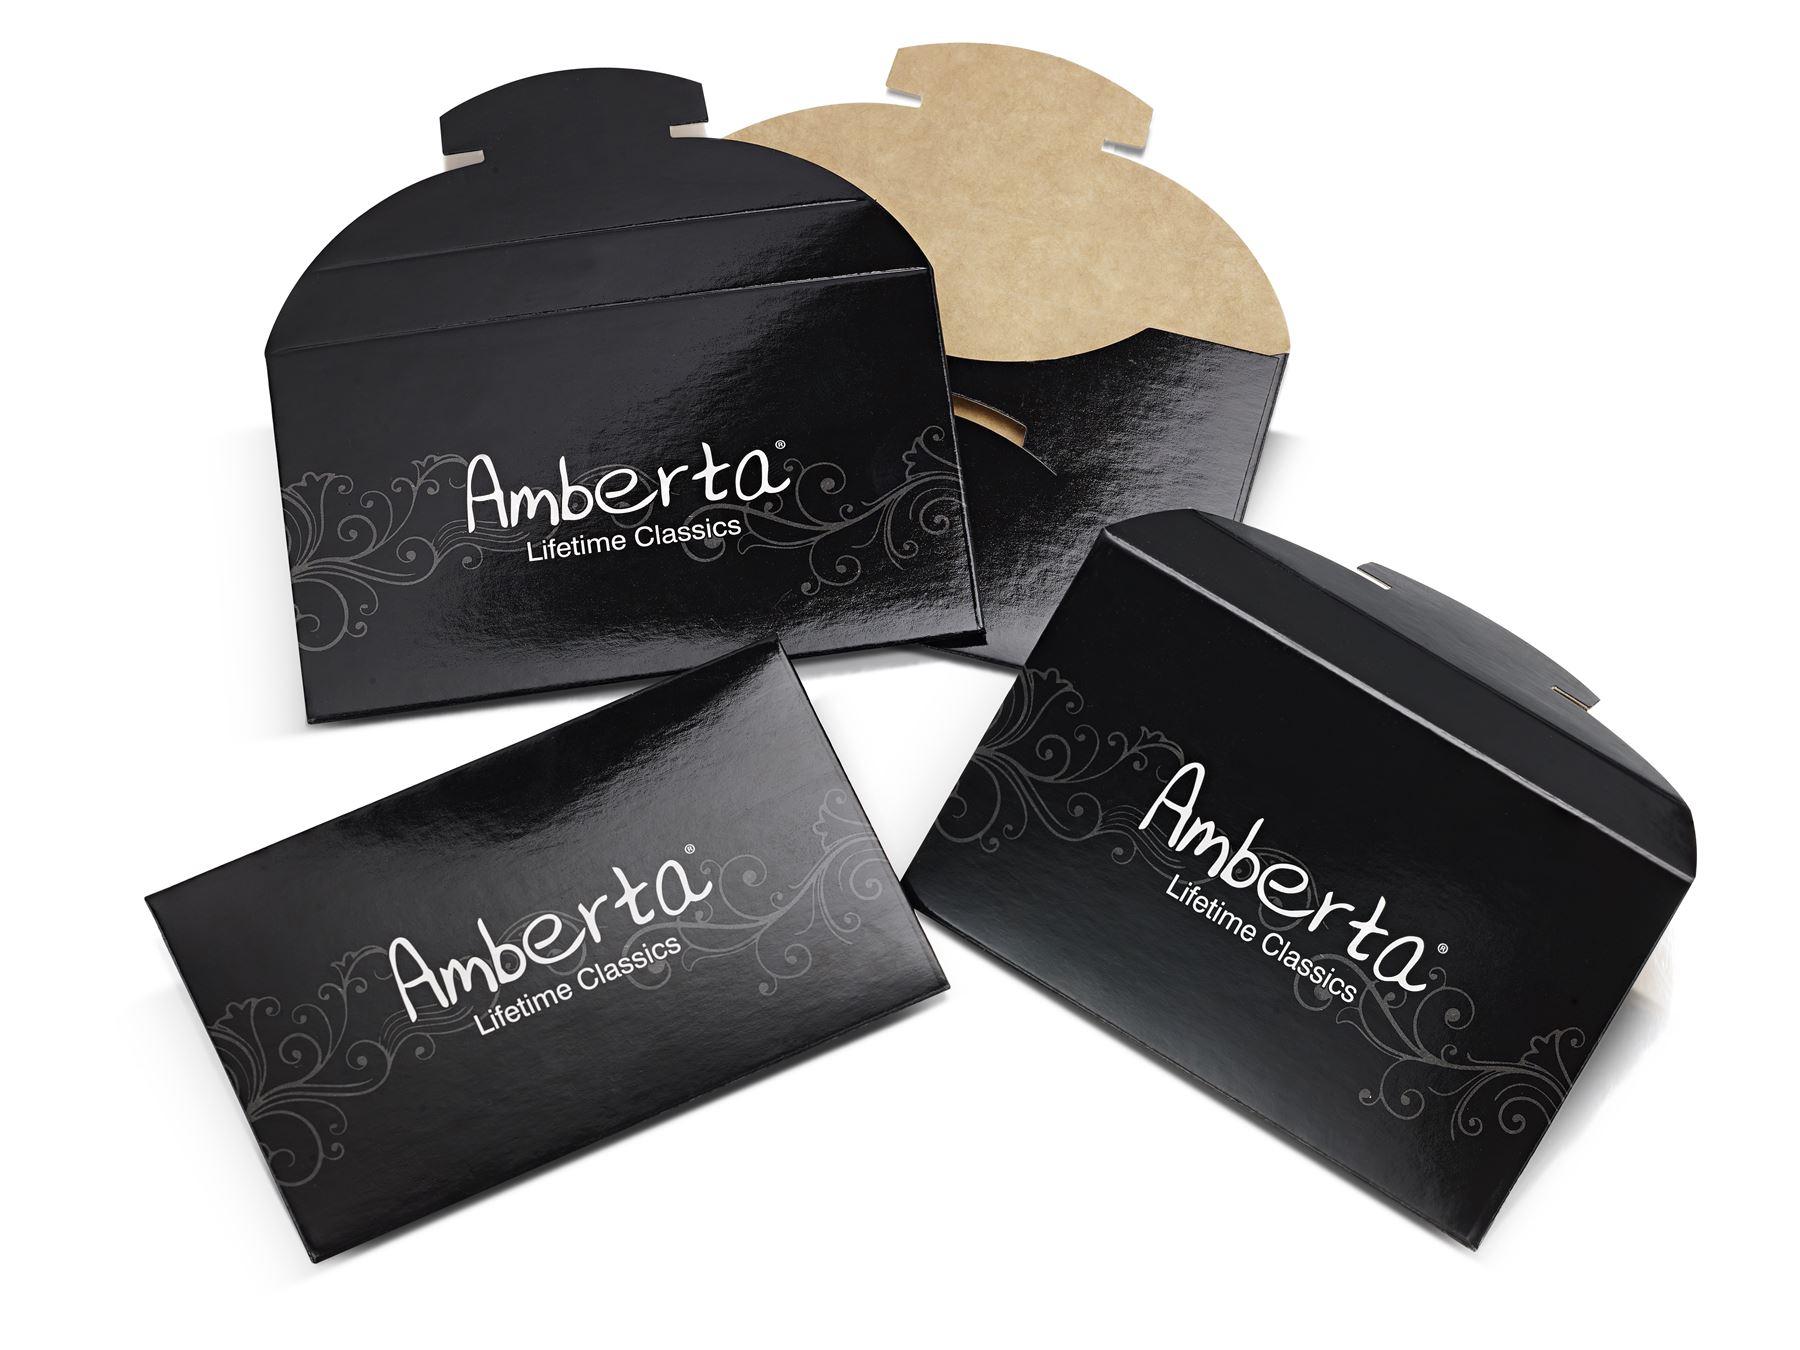 Amberta-Bijoux-Bracelet-en-Vrai-Argent-Sterling-925-Chaine-pour-Femme-a-la-Mode thumbnail 107